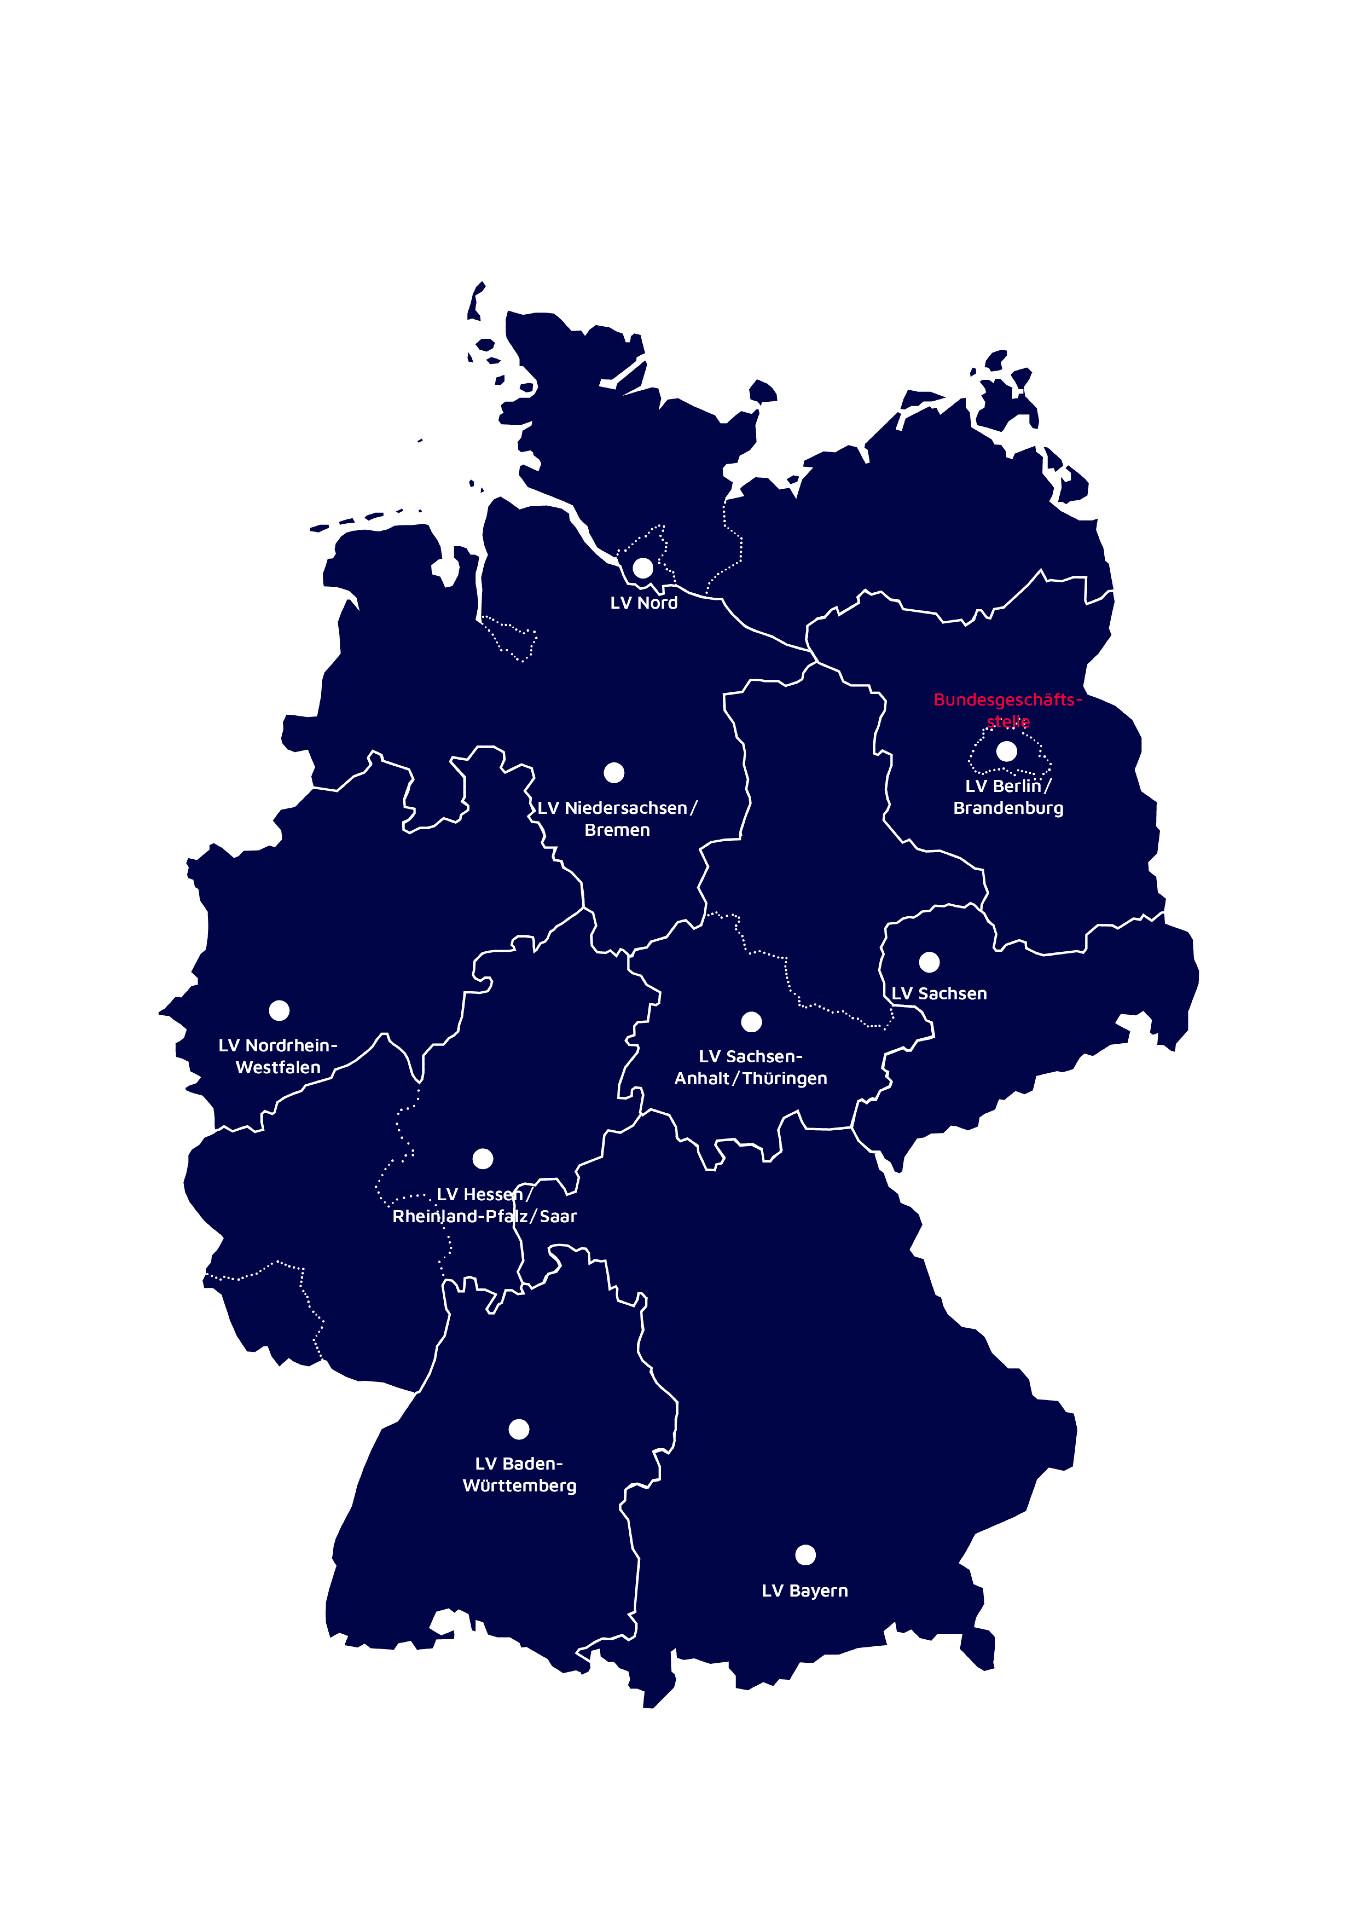 Übersicht der Landesverbände der Johanniter-Unfall-Hilfe e.V. in Deutschland.